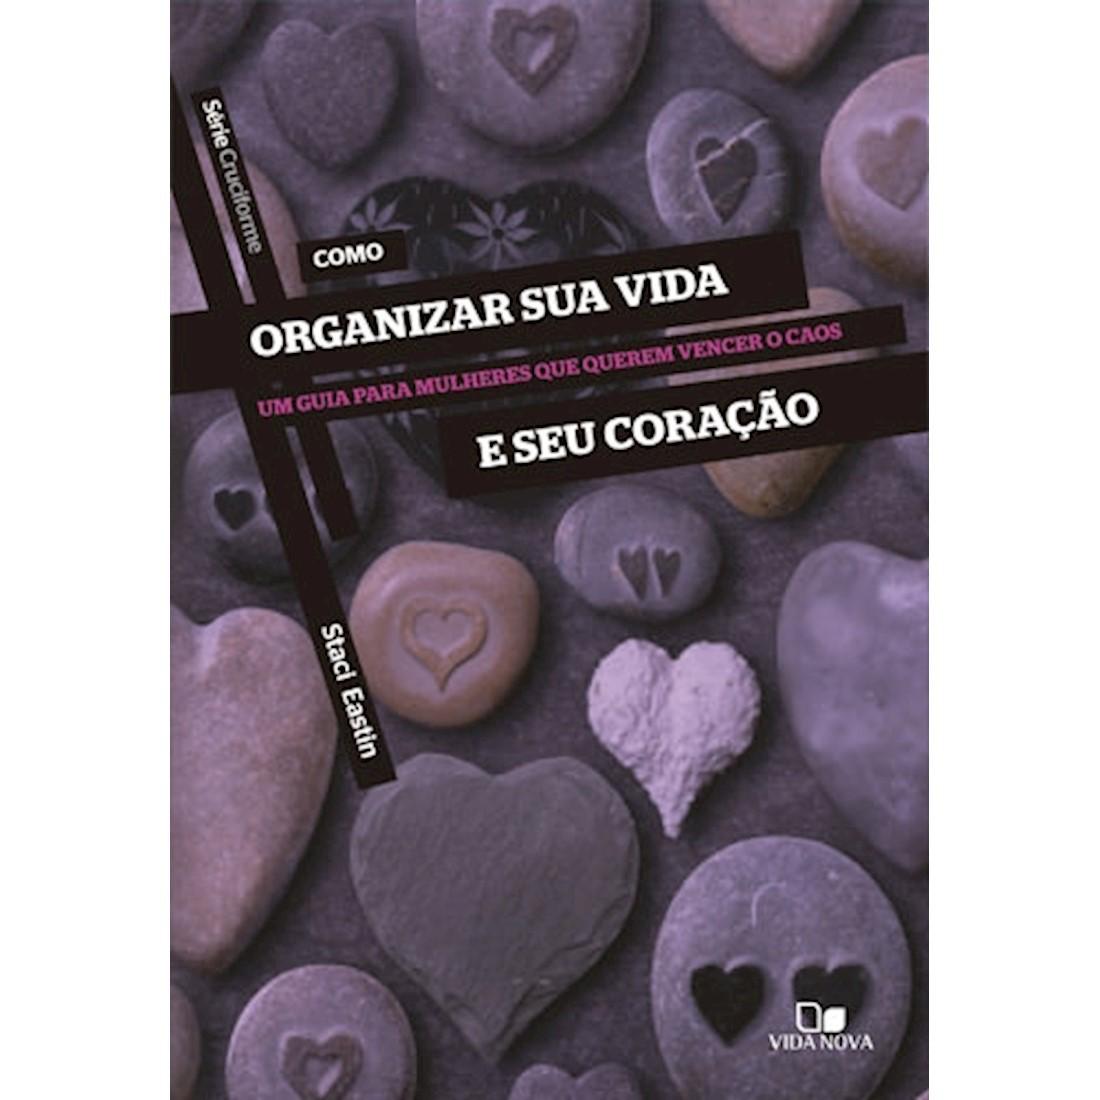 Livro Série Cruciforme - Como Organizar sua Vida e seu Coração